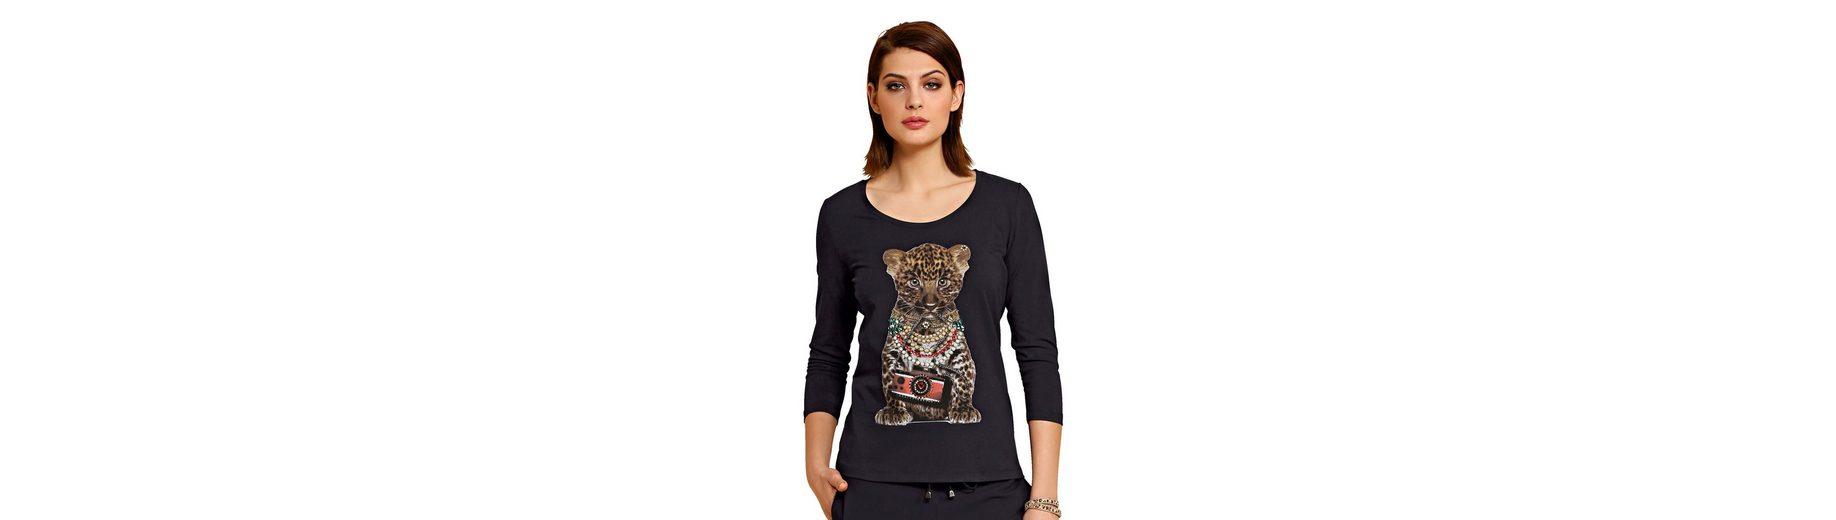 Alba Moda Shirt mit Print und Dekosteinchen Footaction Günstig Online mYl8XYliBQ